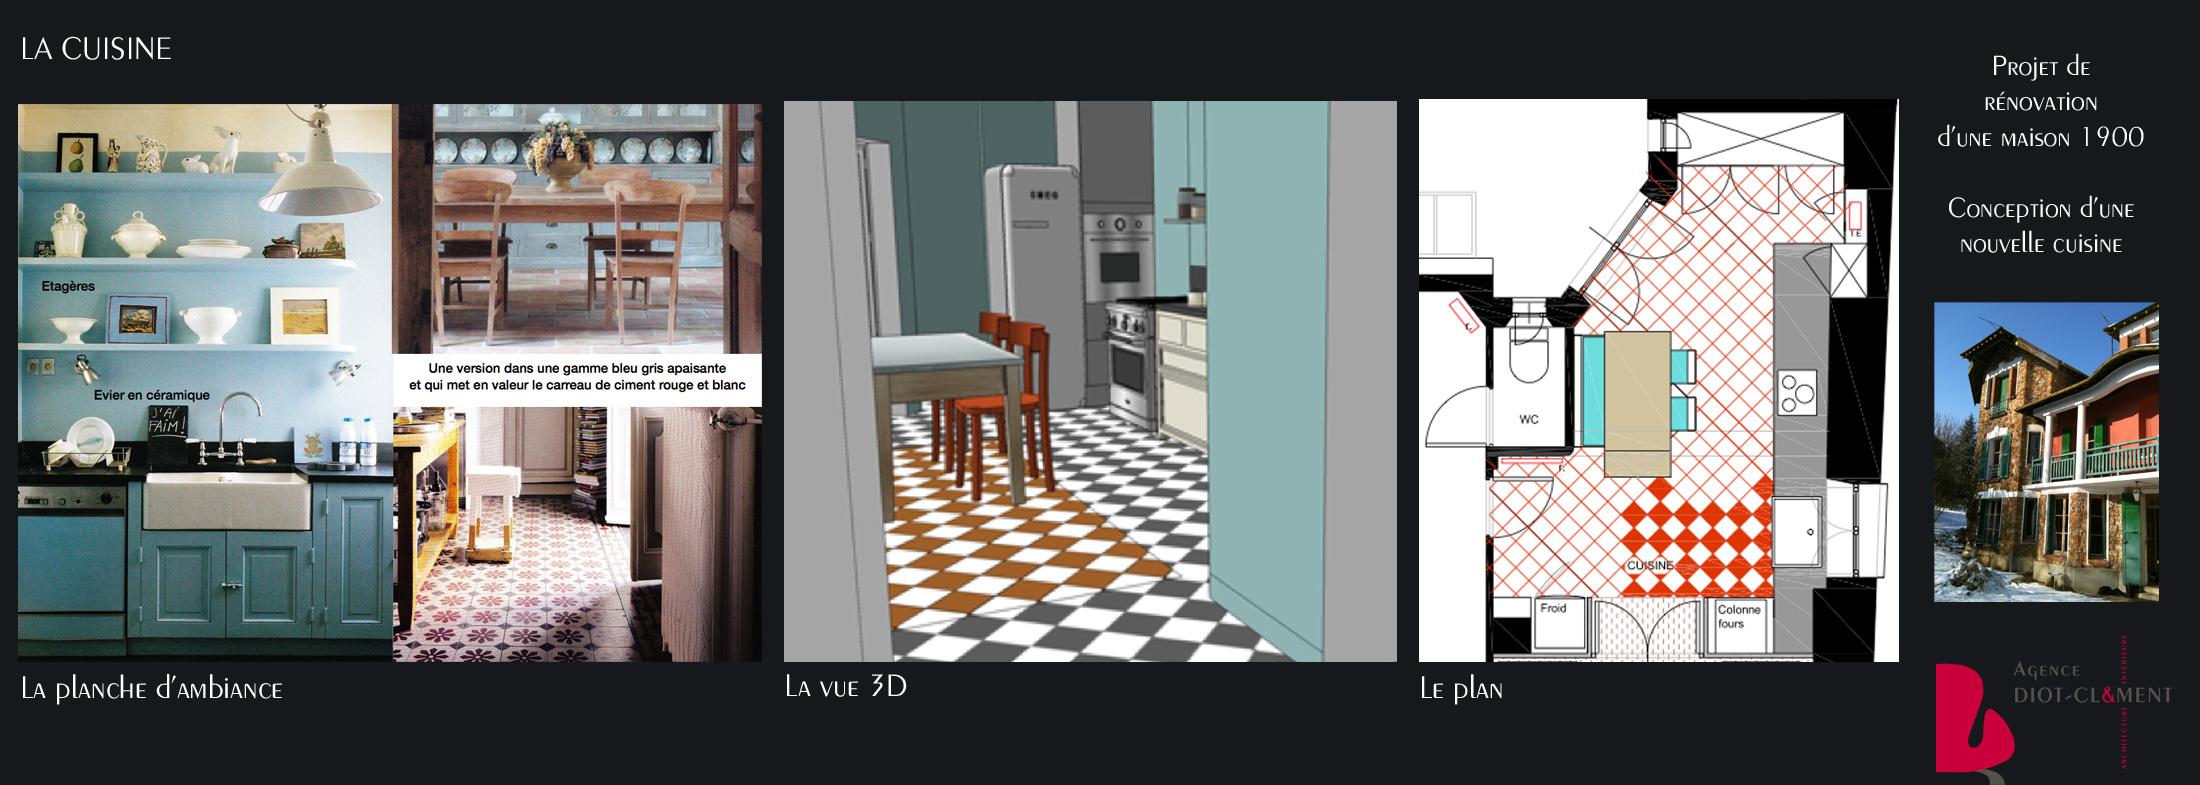 R novation maison portfolio tags agence diot clement - Livre renovation maison ...